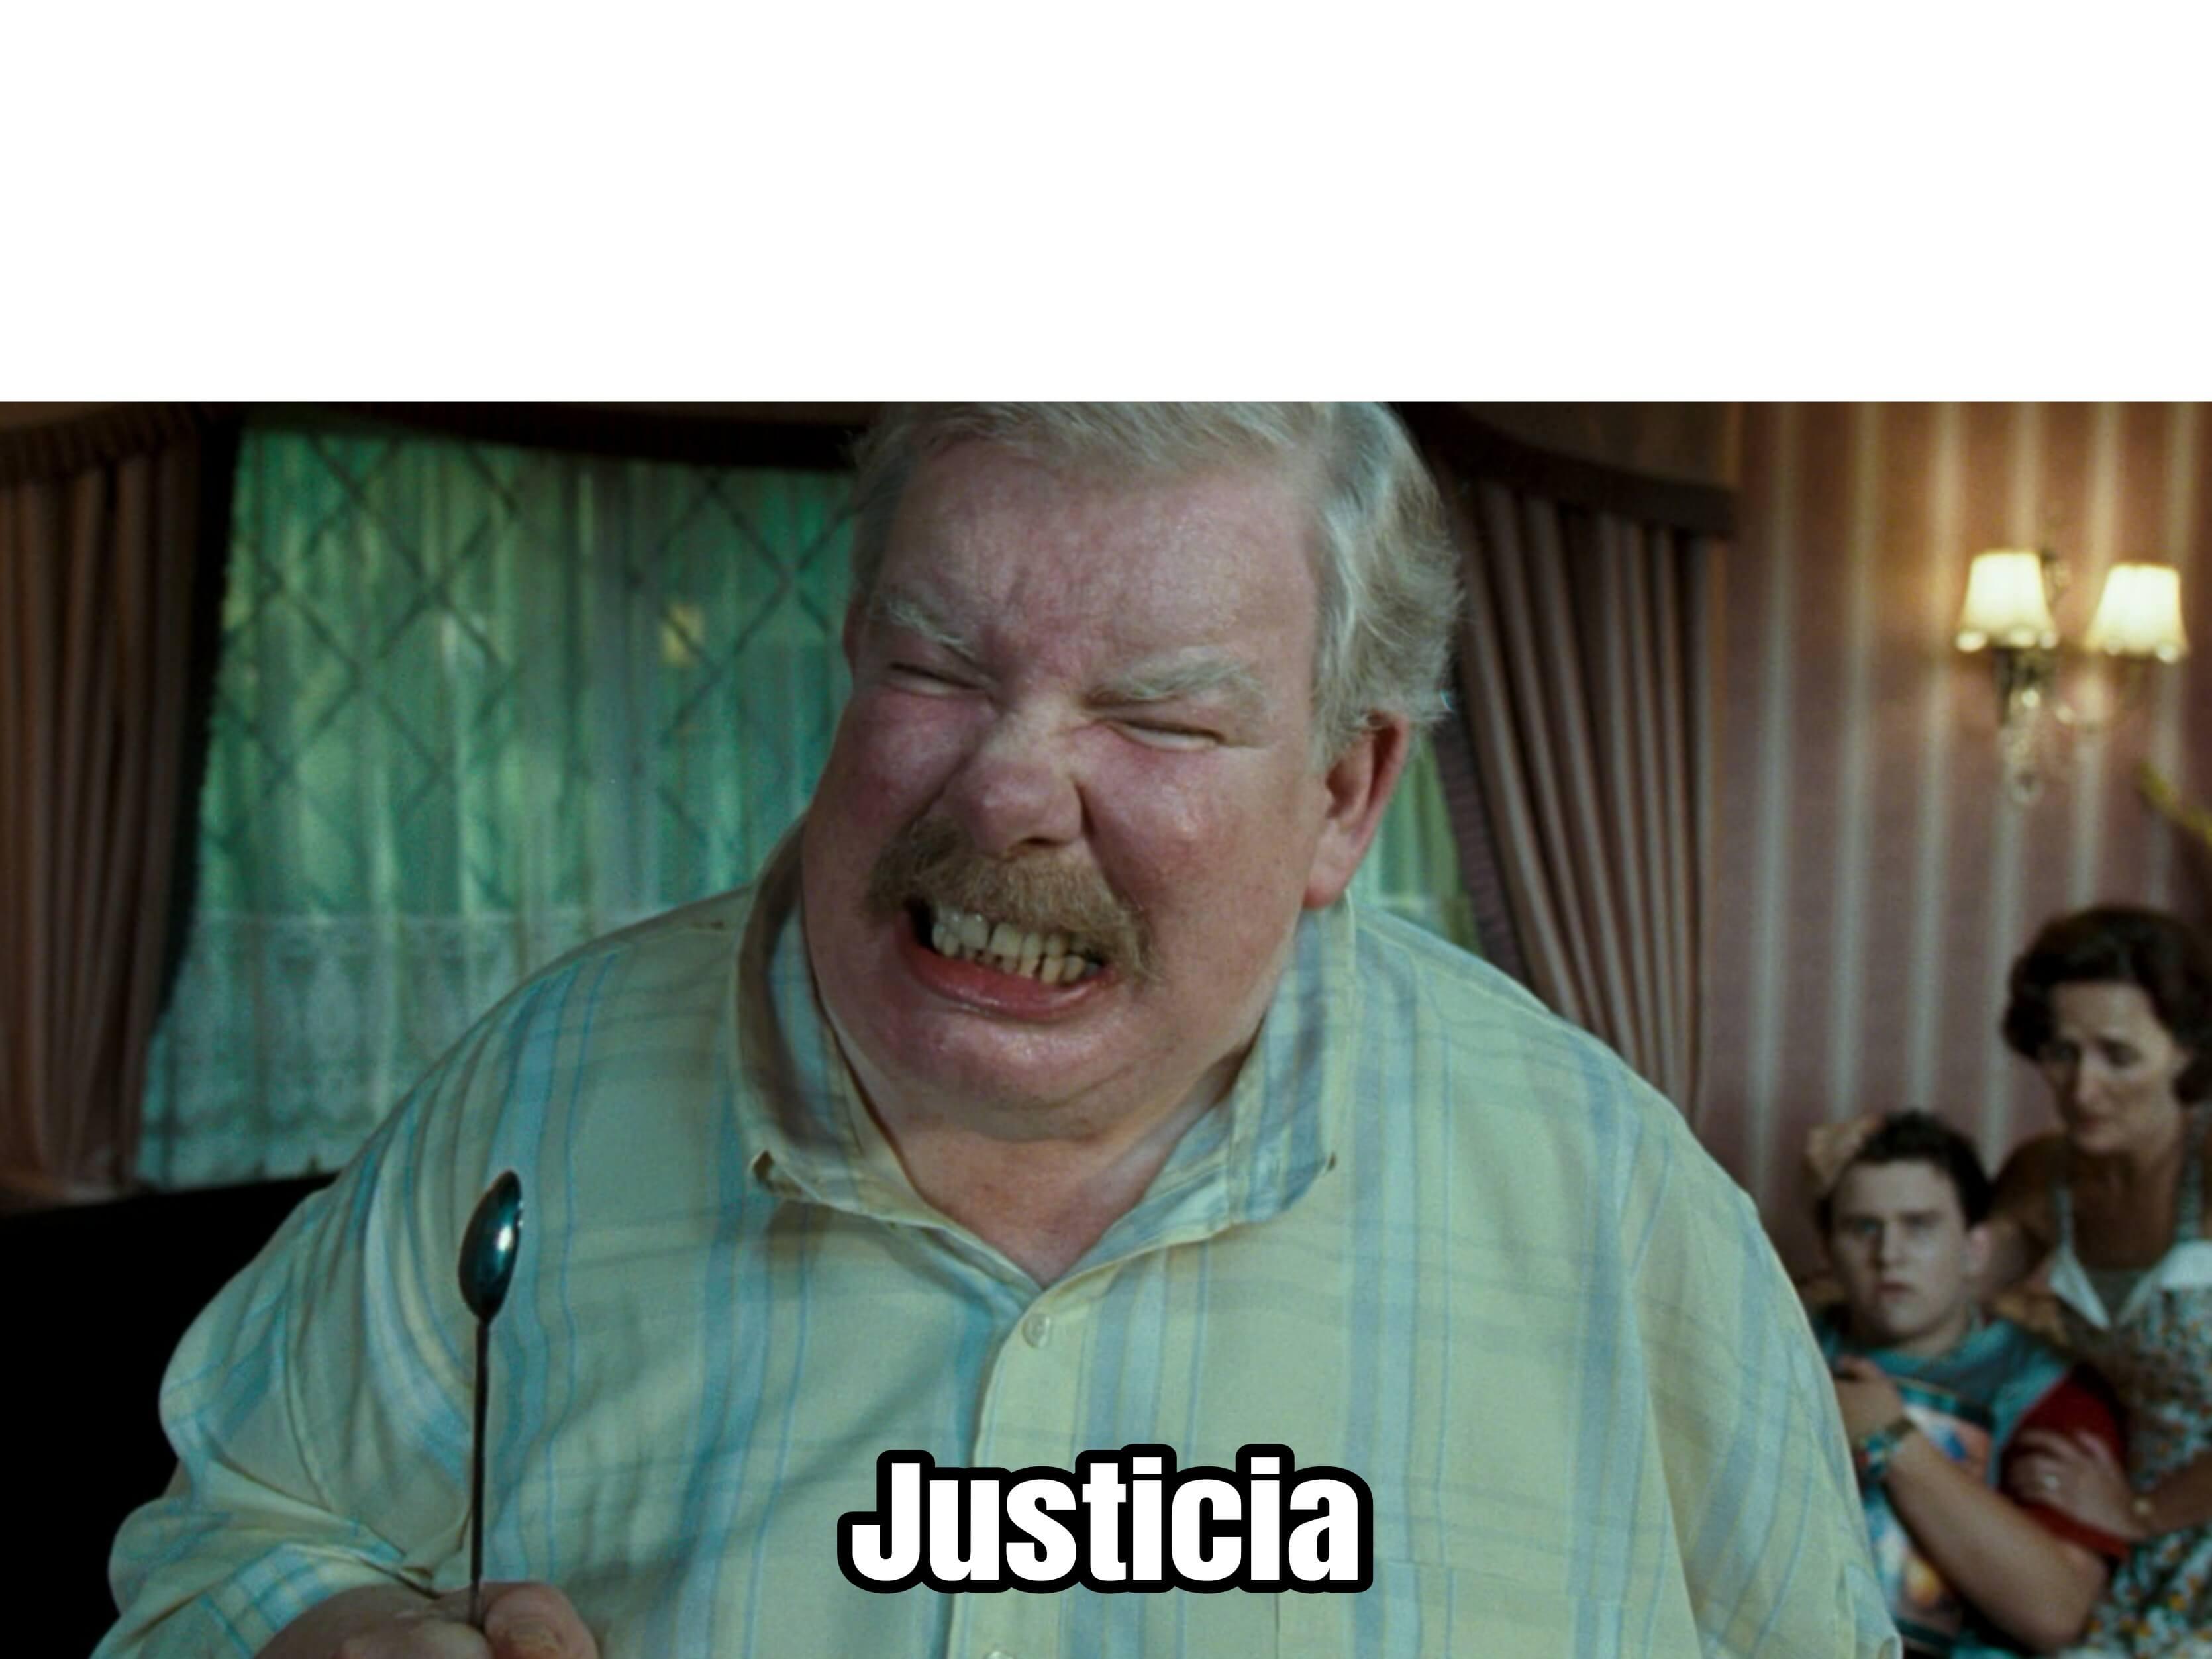 Ir a la pagina de la plantilla Justicia.